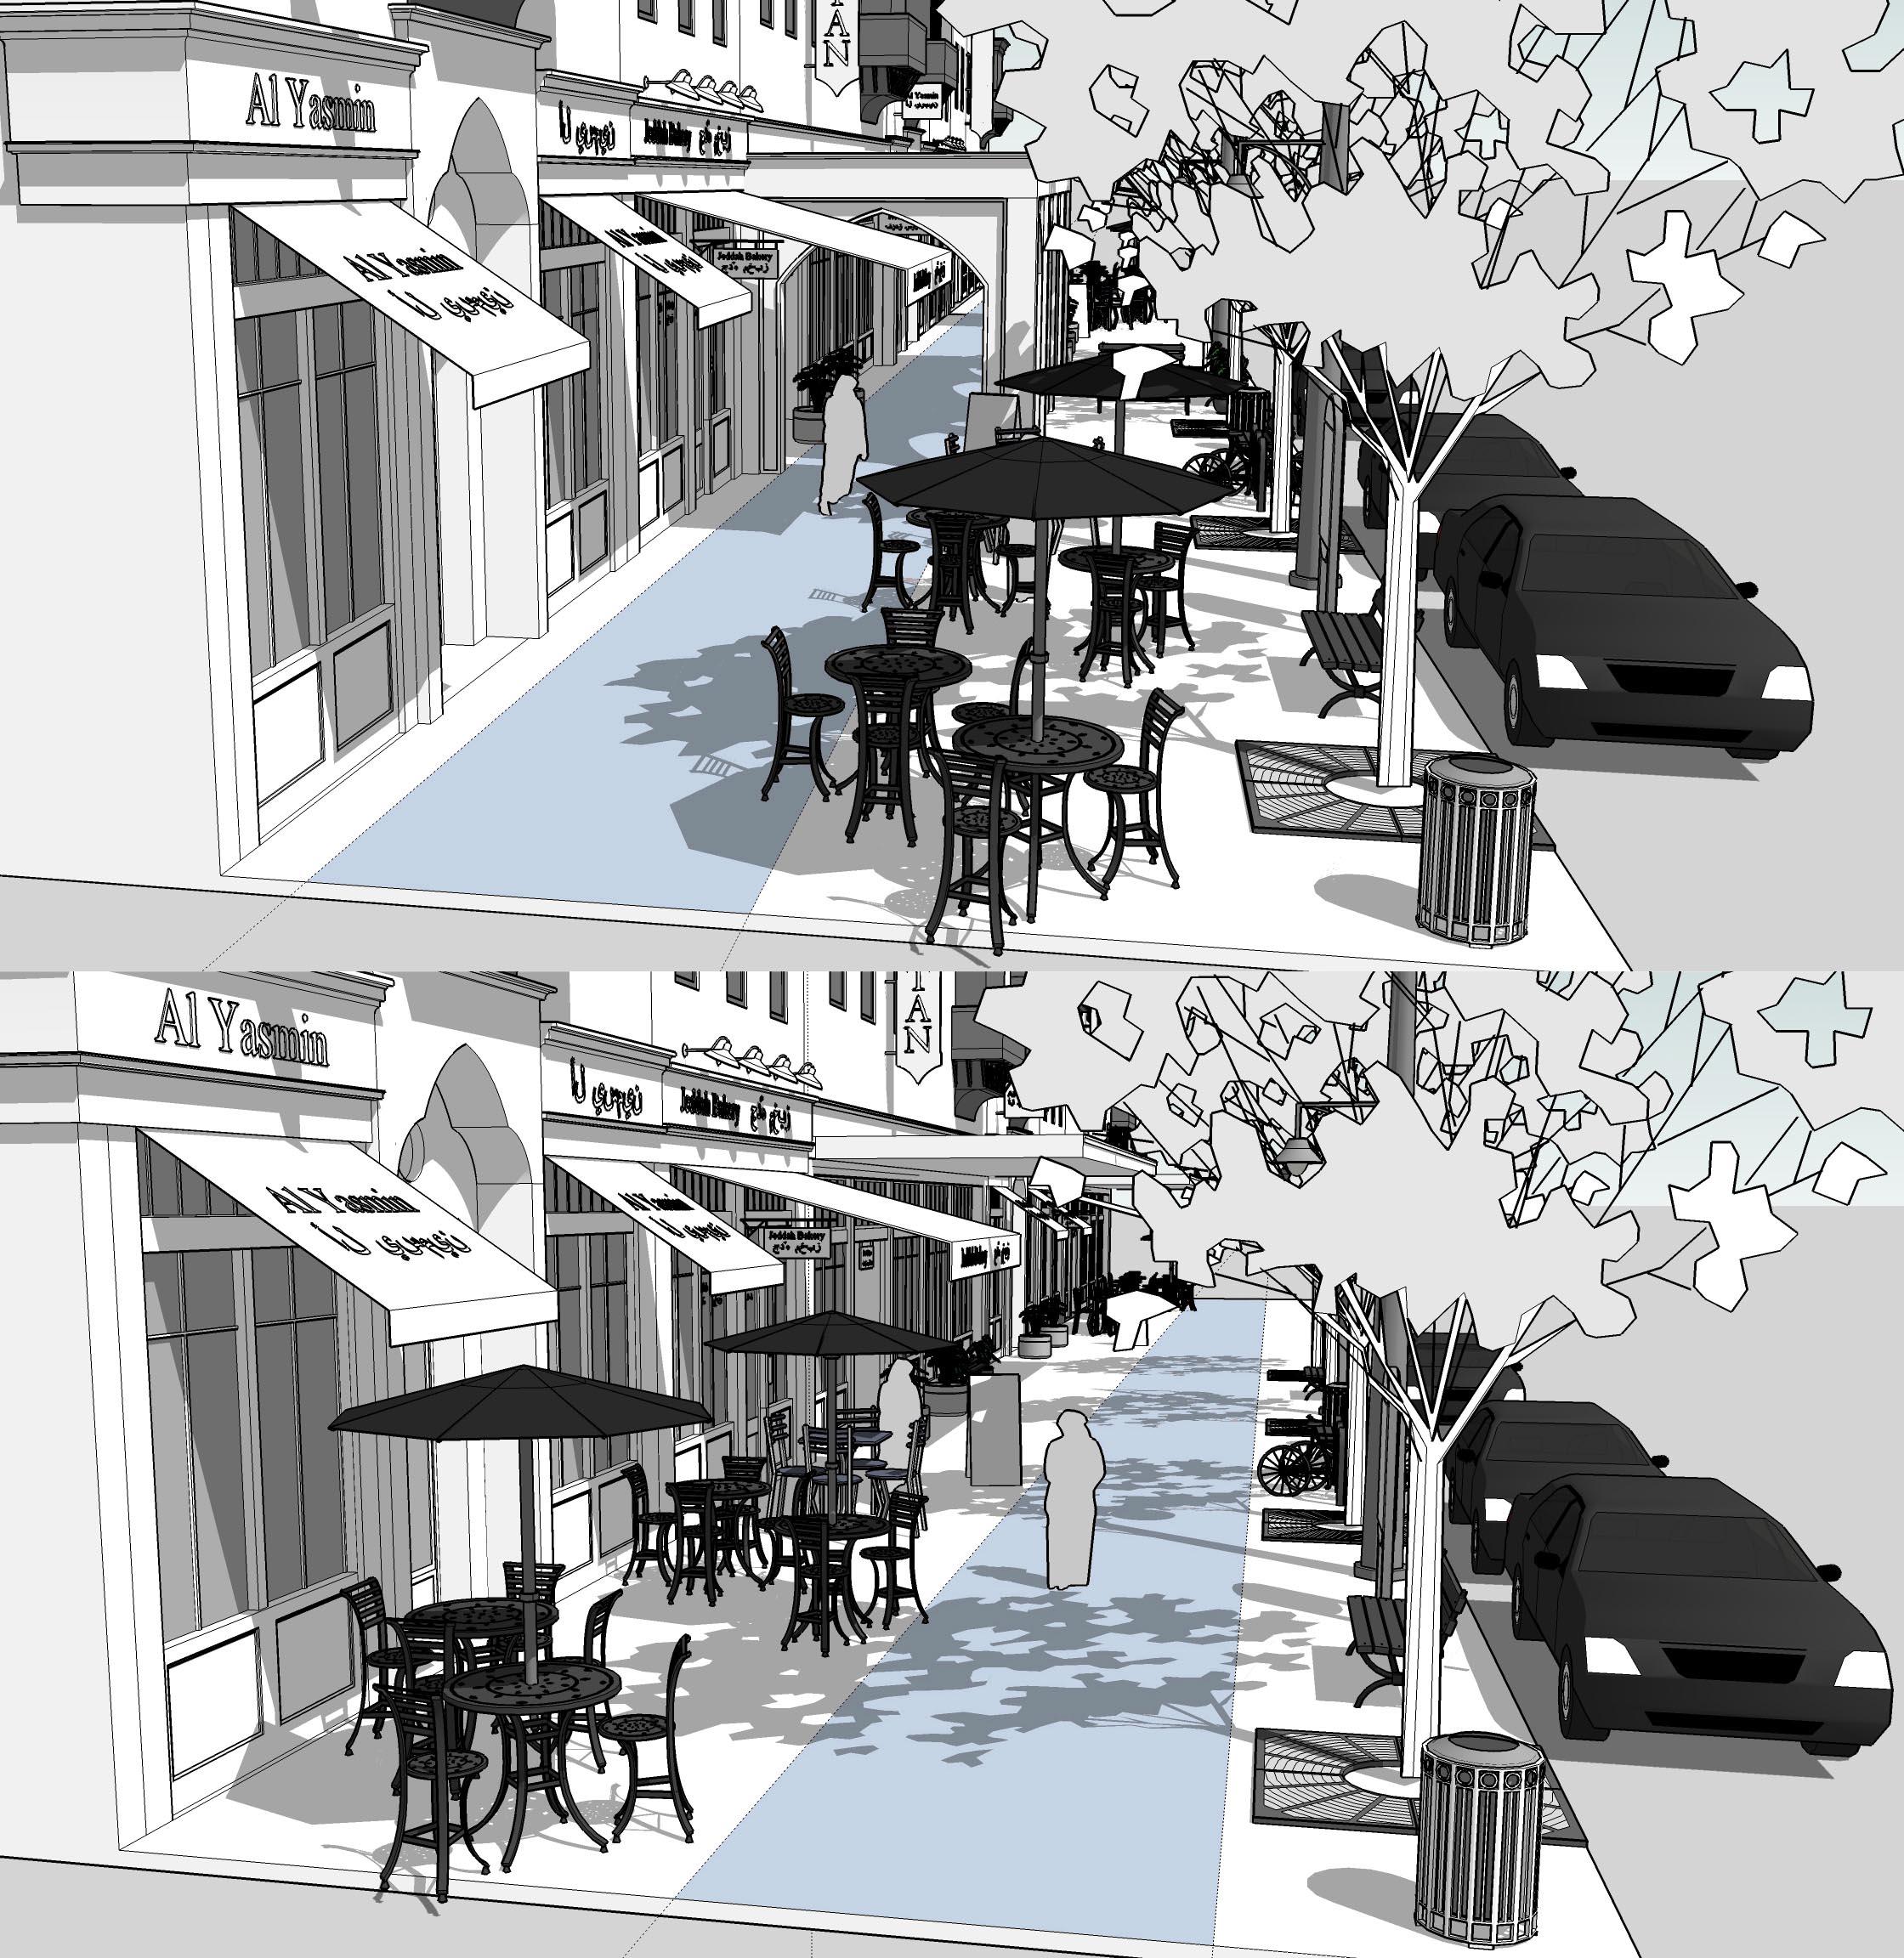 Sidewalk Diagram_Cmb.jpg